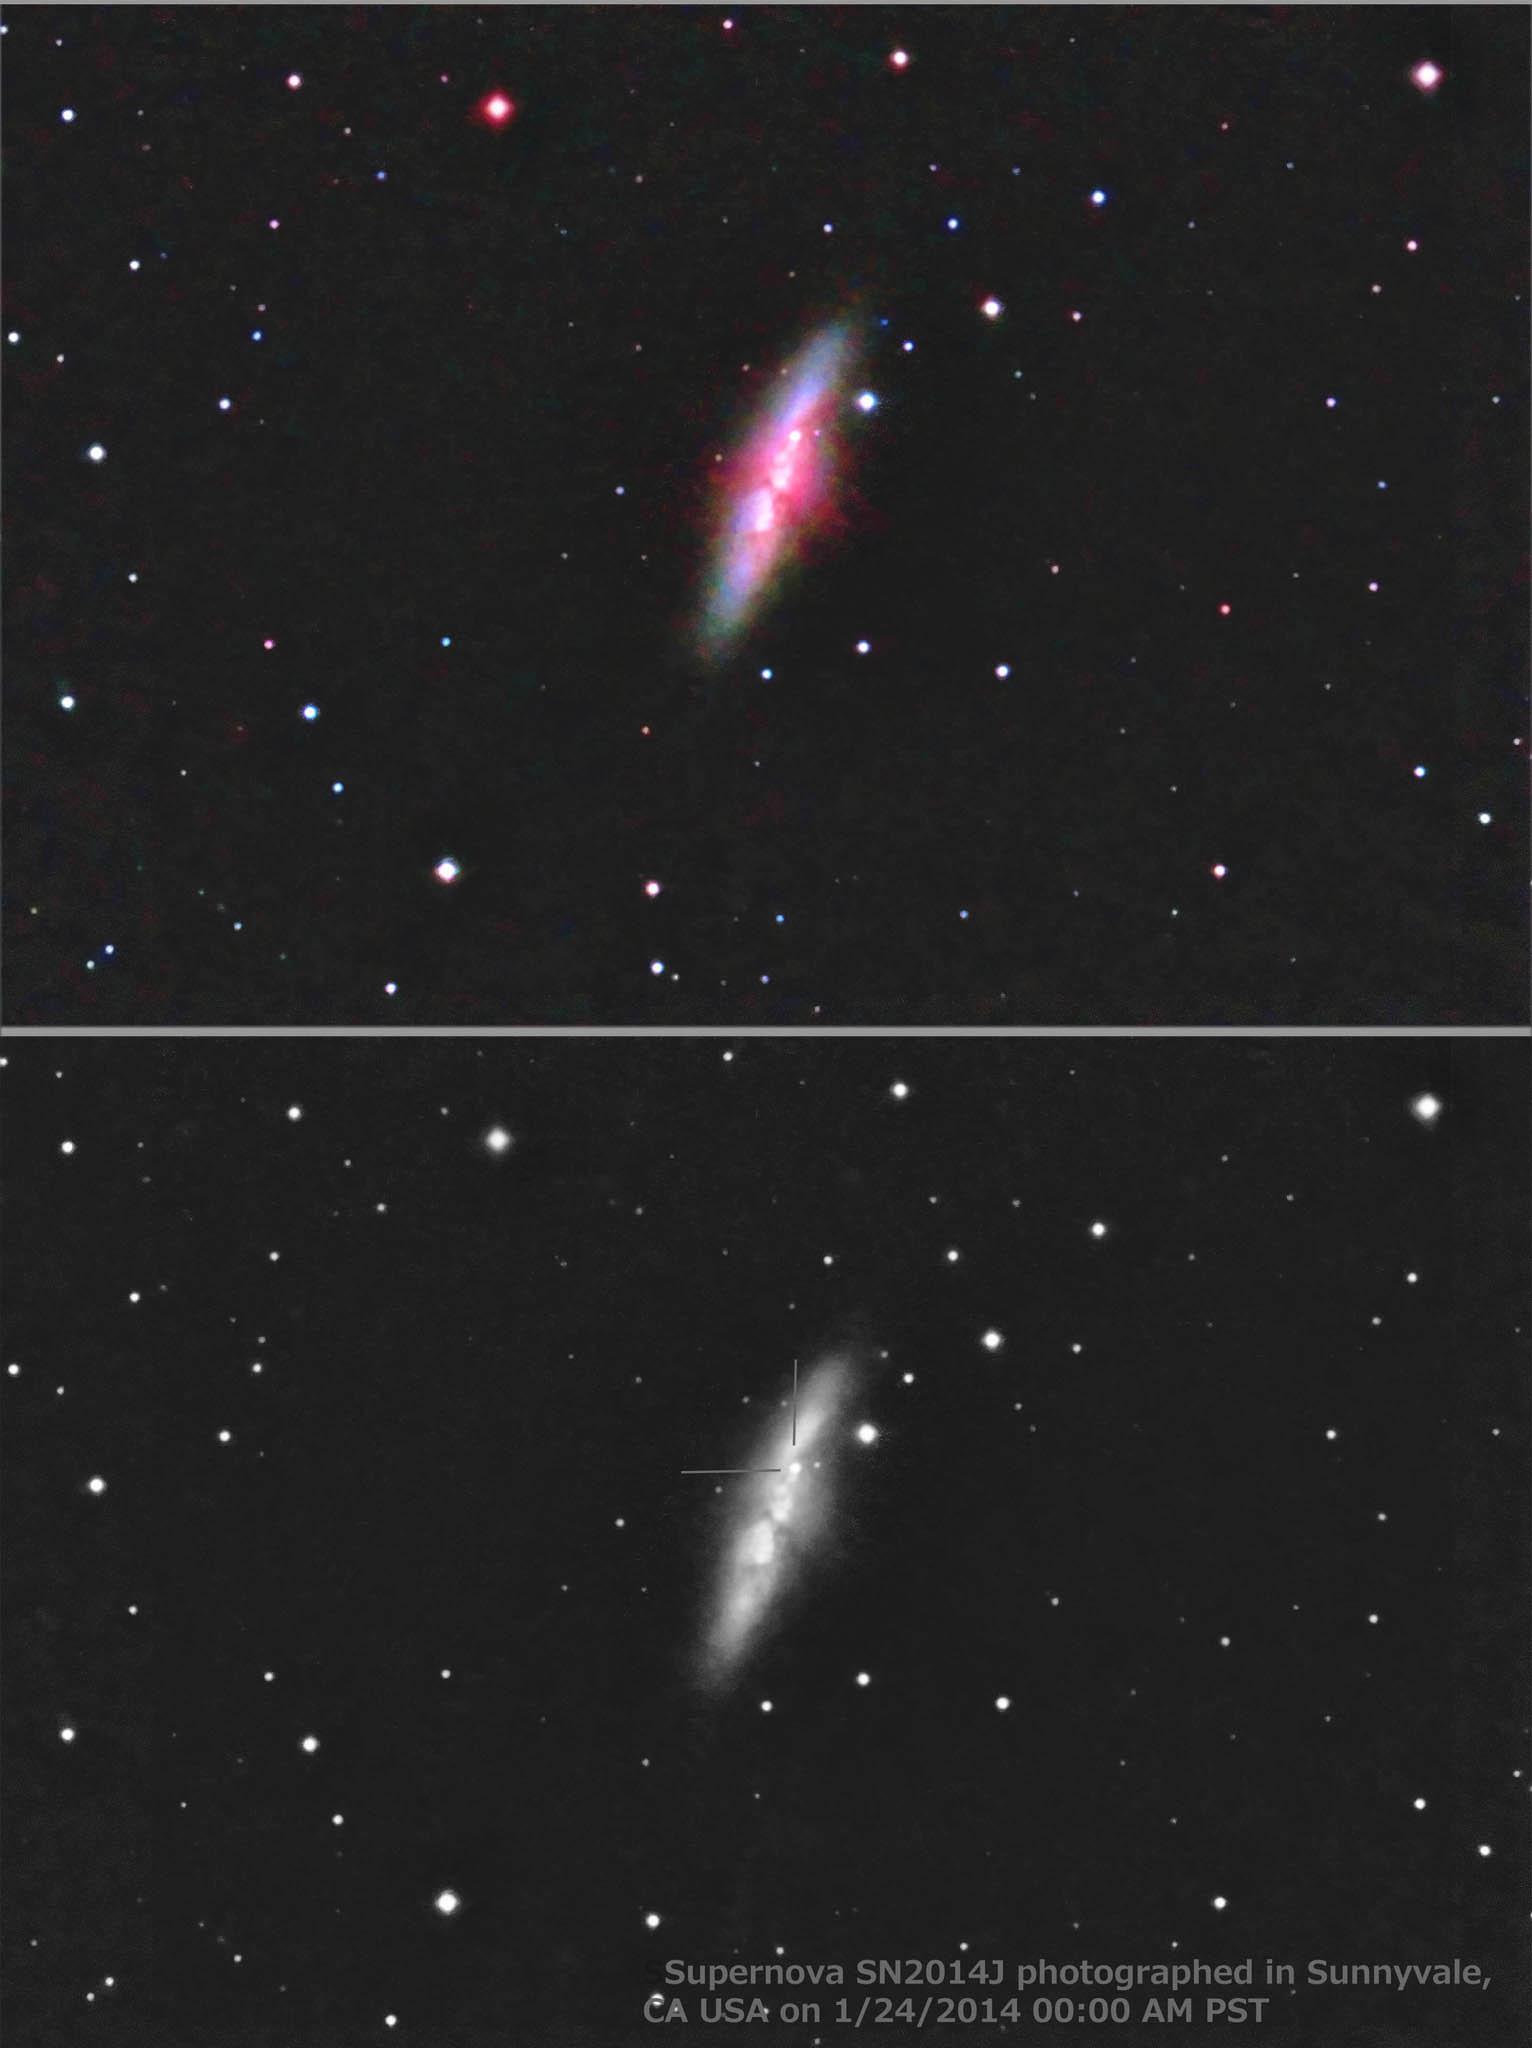 M82 and supernova SN2013J